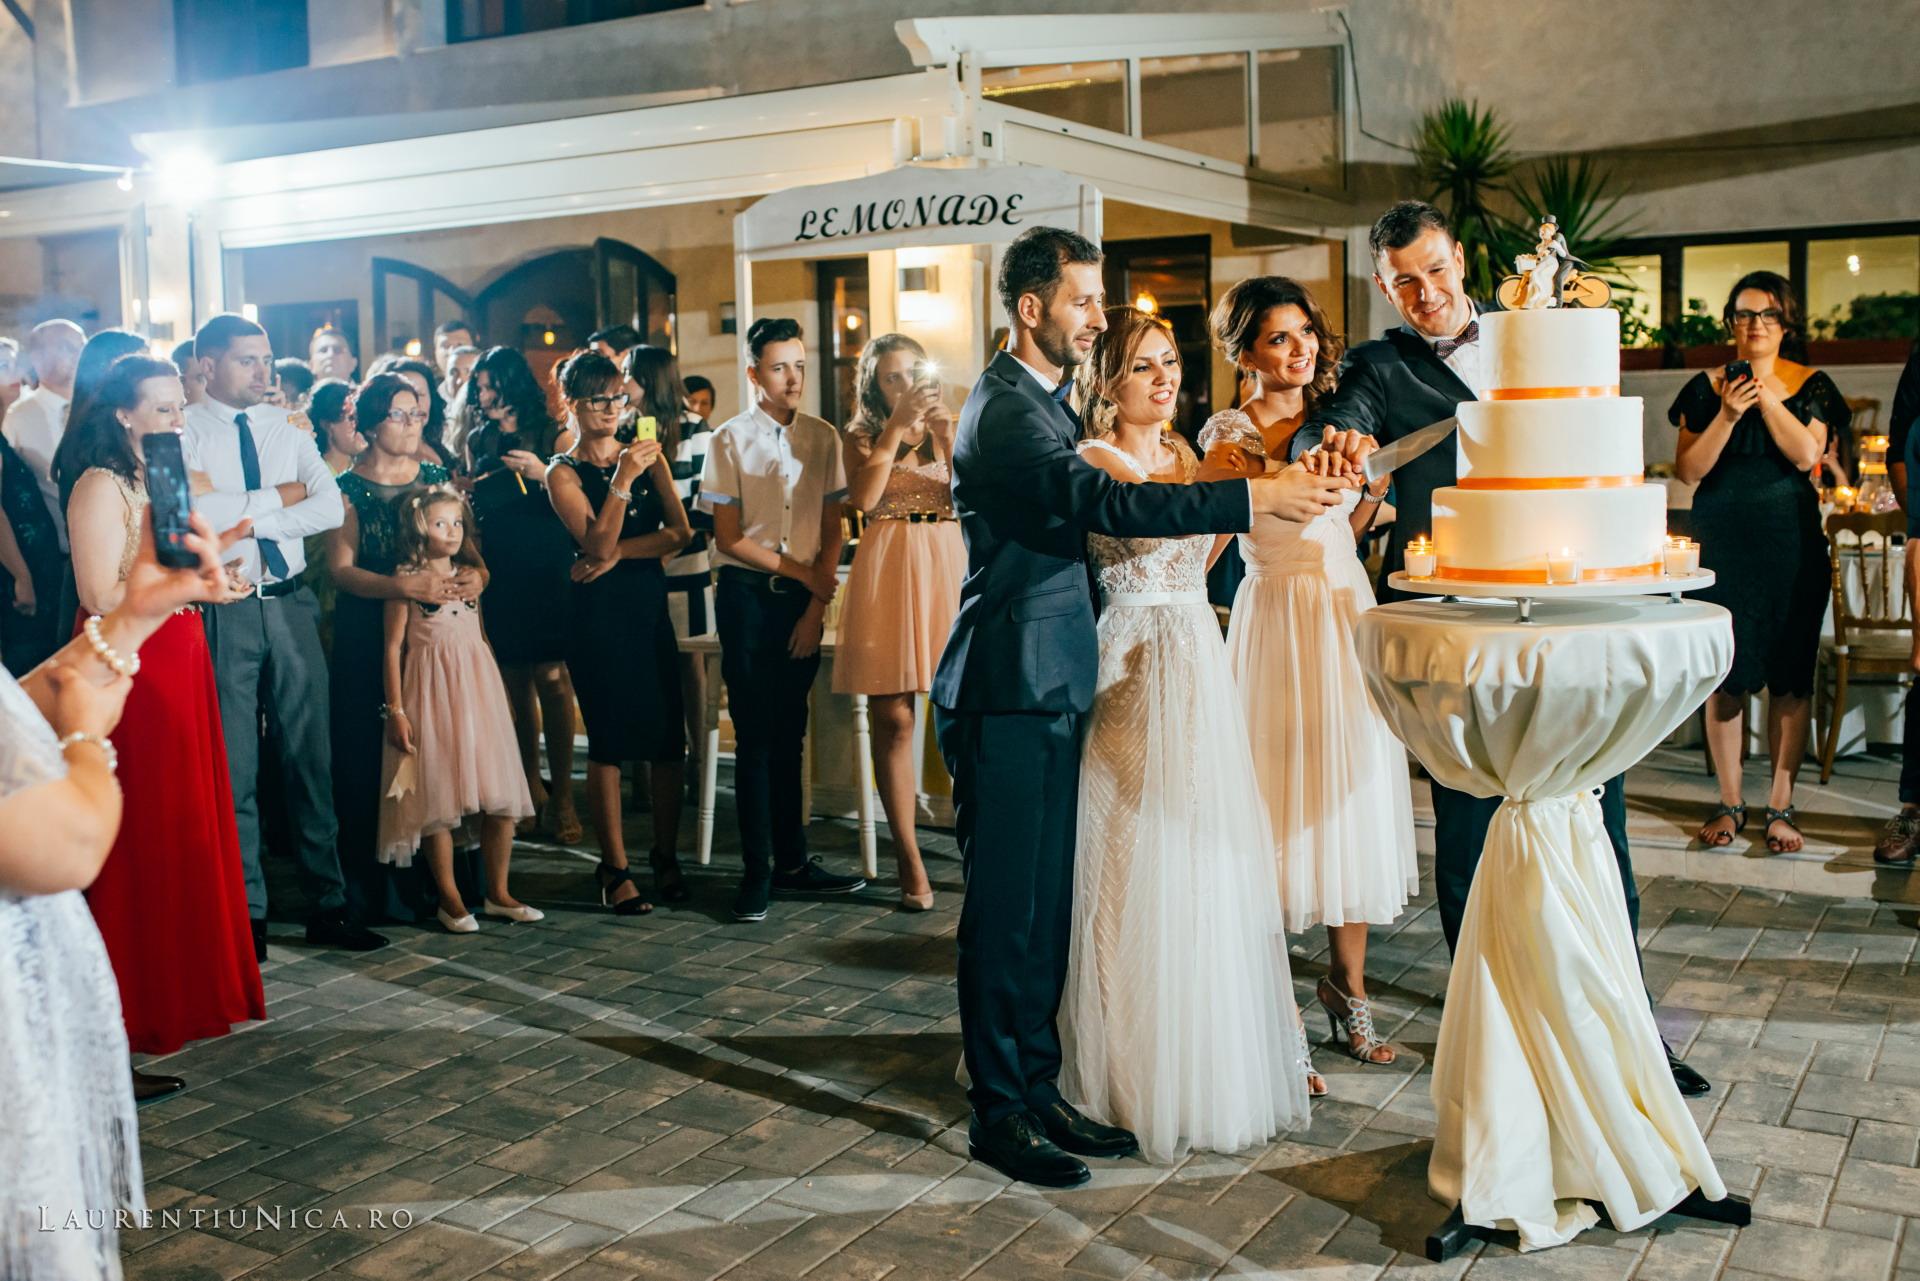 carolina si sorin craiova fotograf nunta laurentiu nica80 - Carolina & Sorin | Fotografii nunta